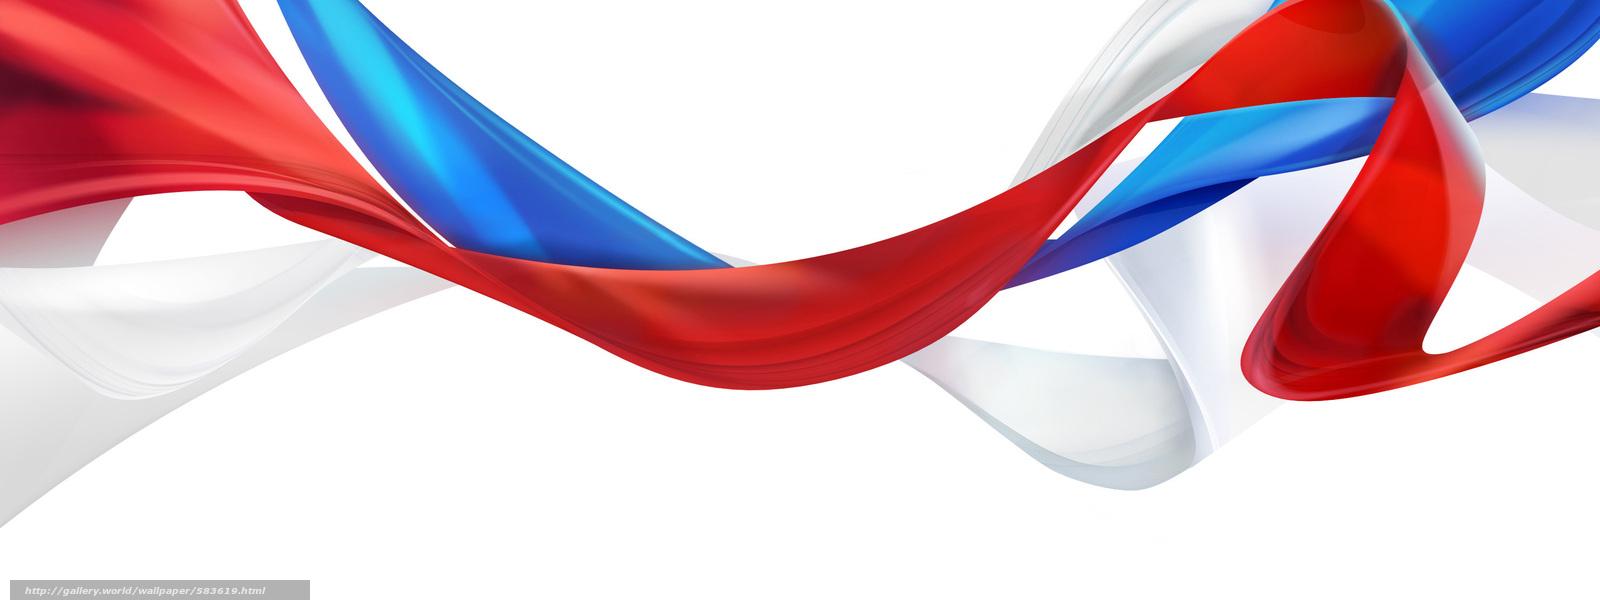 Скачать бесплатно фото флаг россии